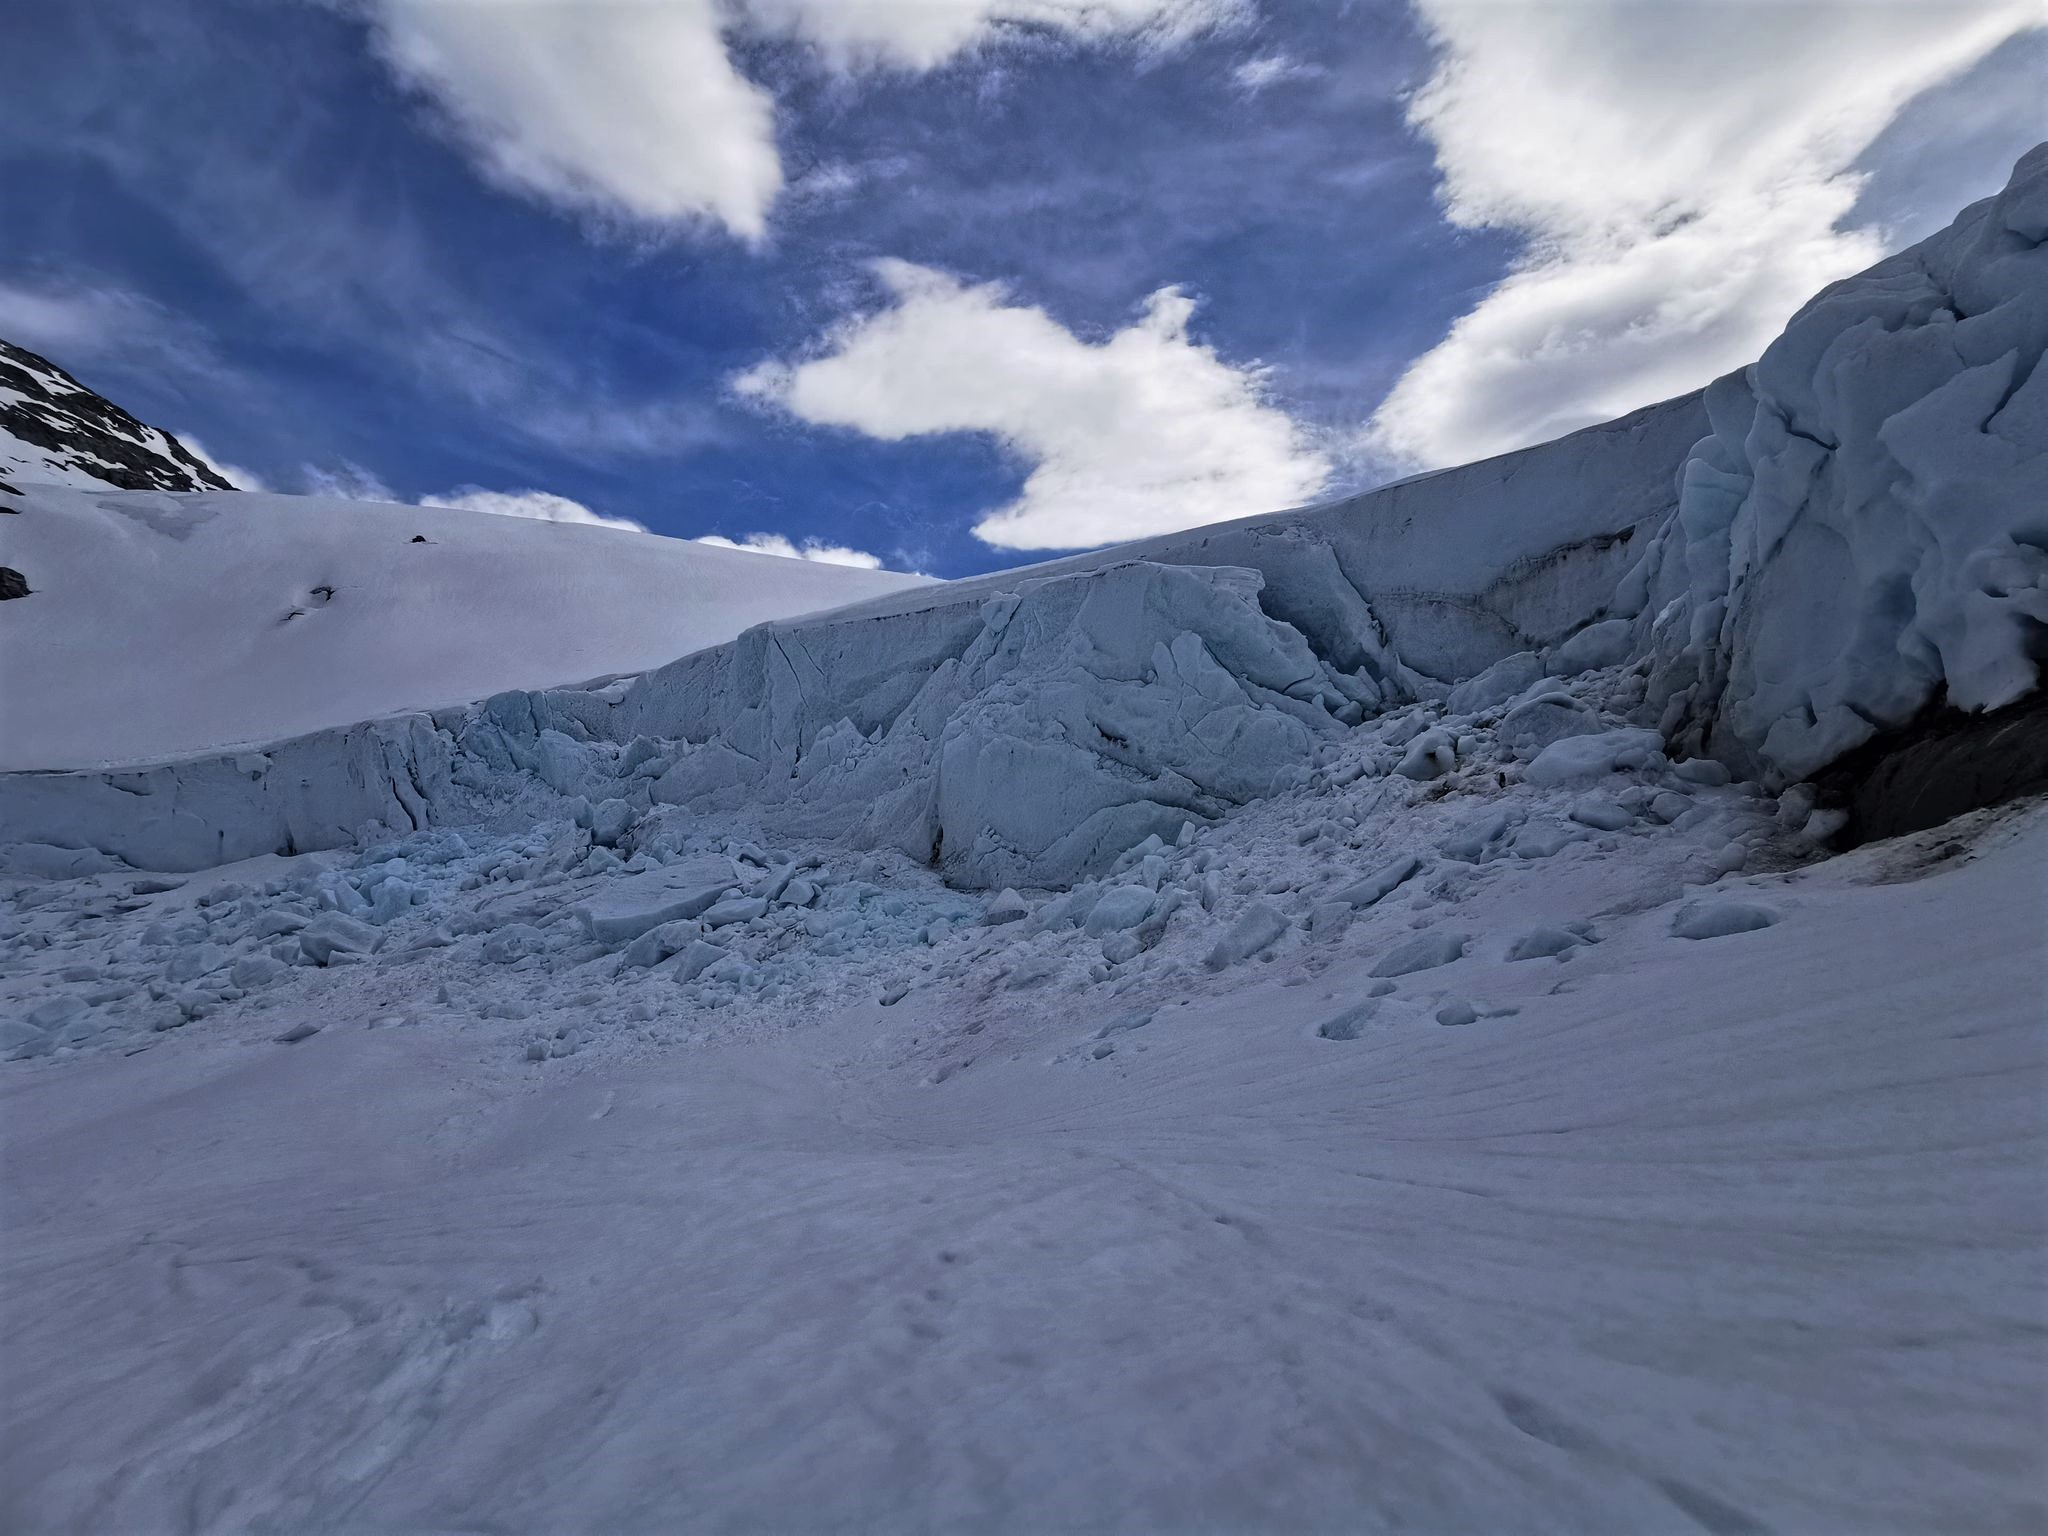 Årets først bretur i Juklavassbreen 22.5. Snøen smeltar, og fram kjem det magiske islandskapet.Turar kvar dag frå 1. juni. #folgefonni